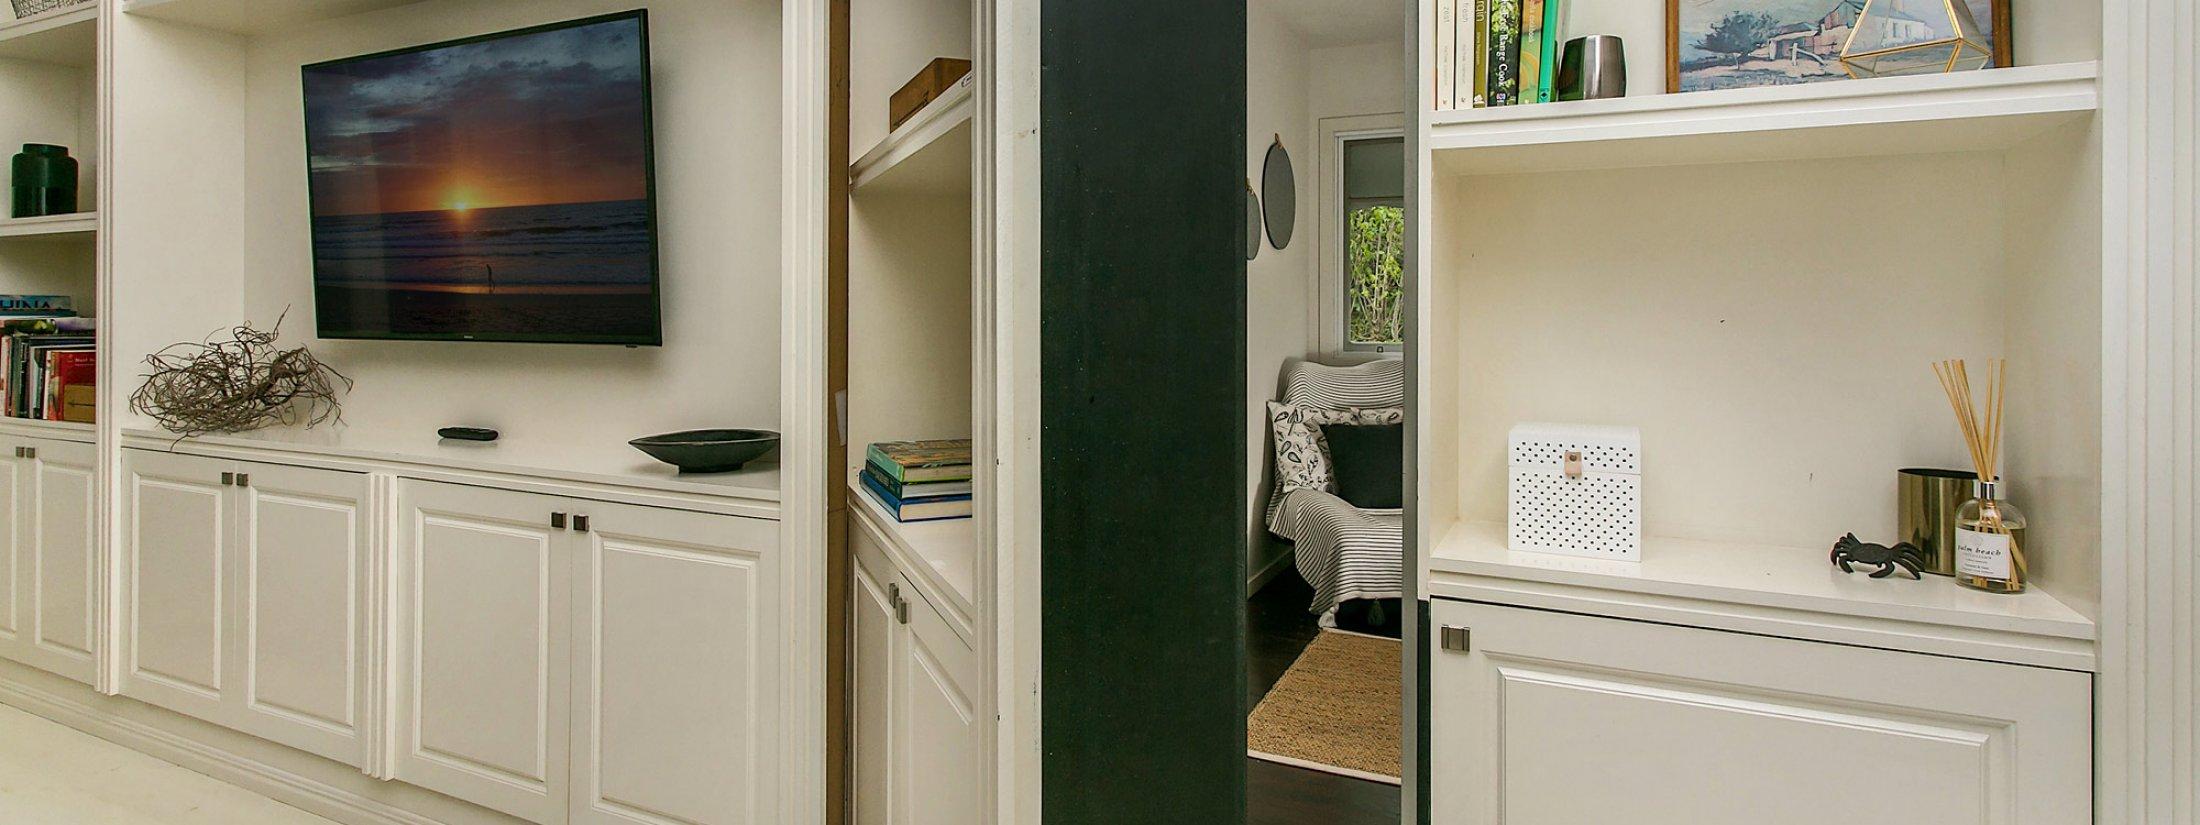 Byron Creek Homestead - Byron Bay - House 2 Hidden Room Door